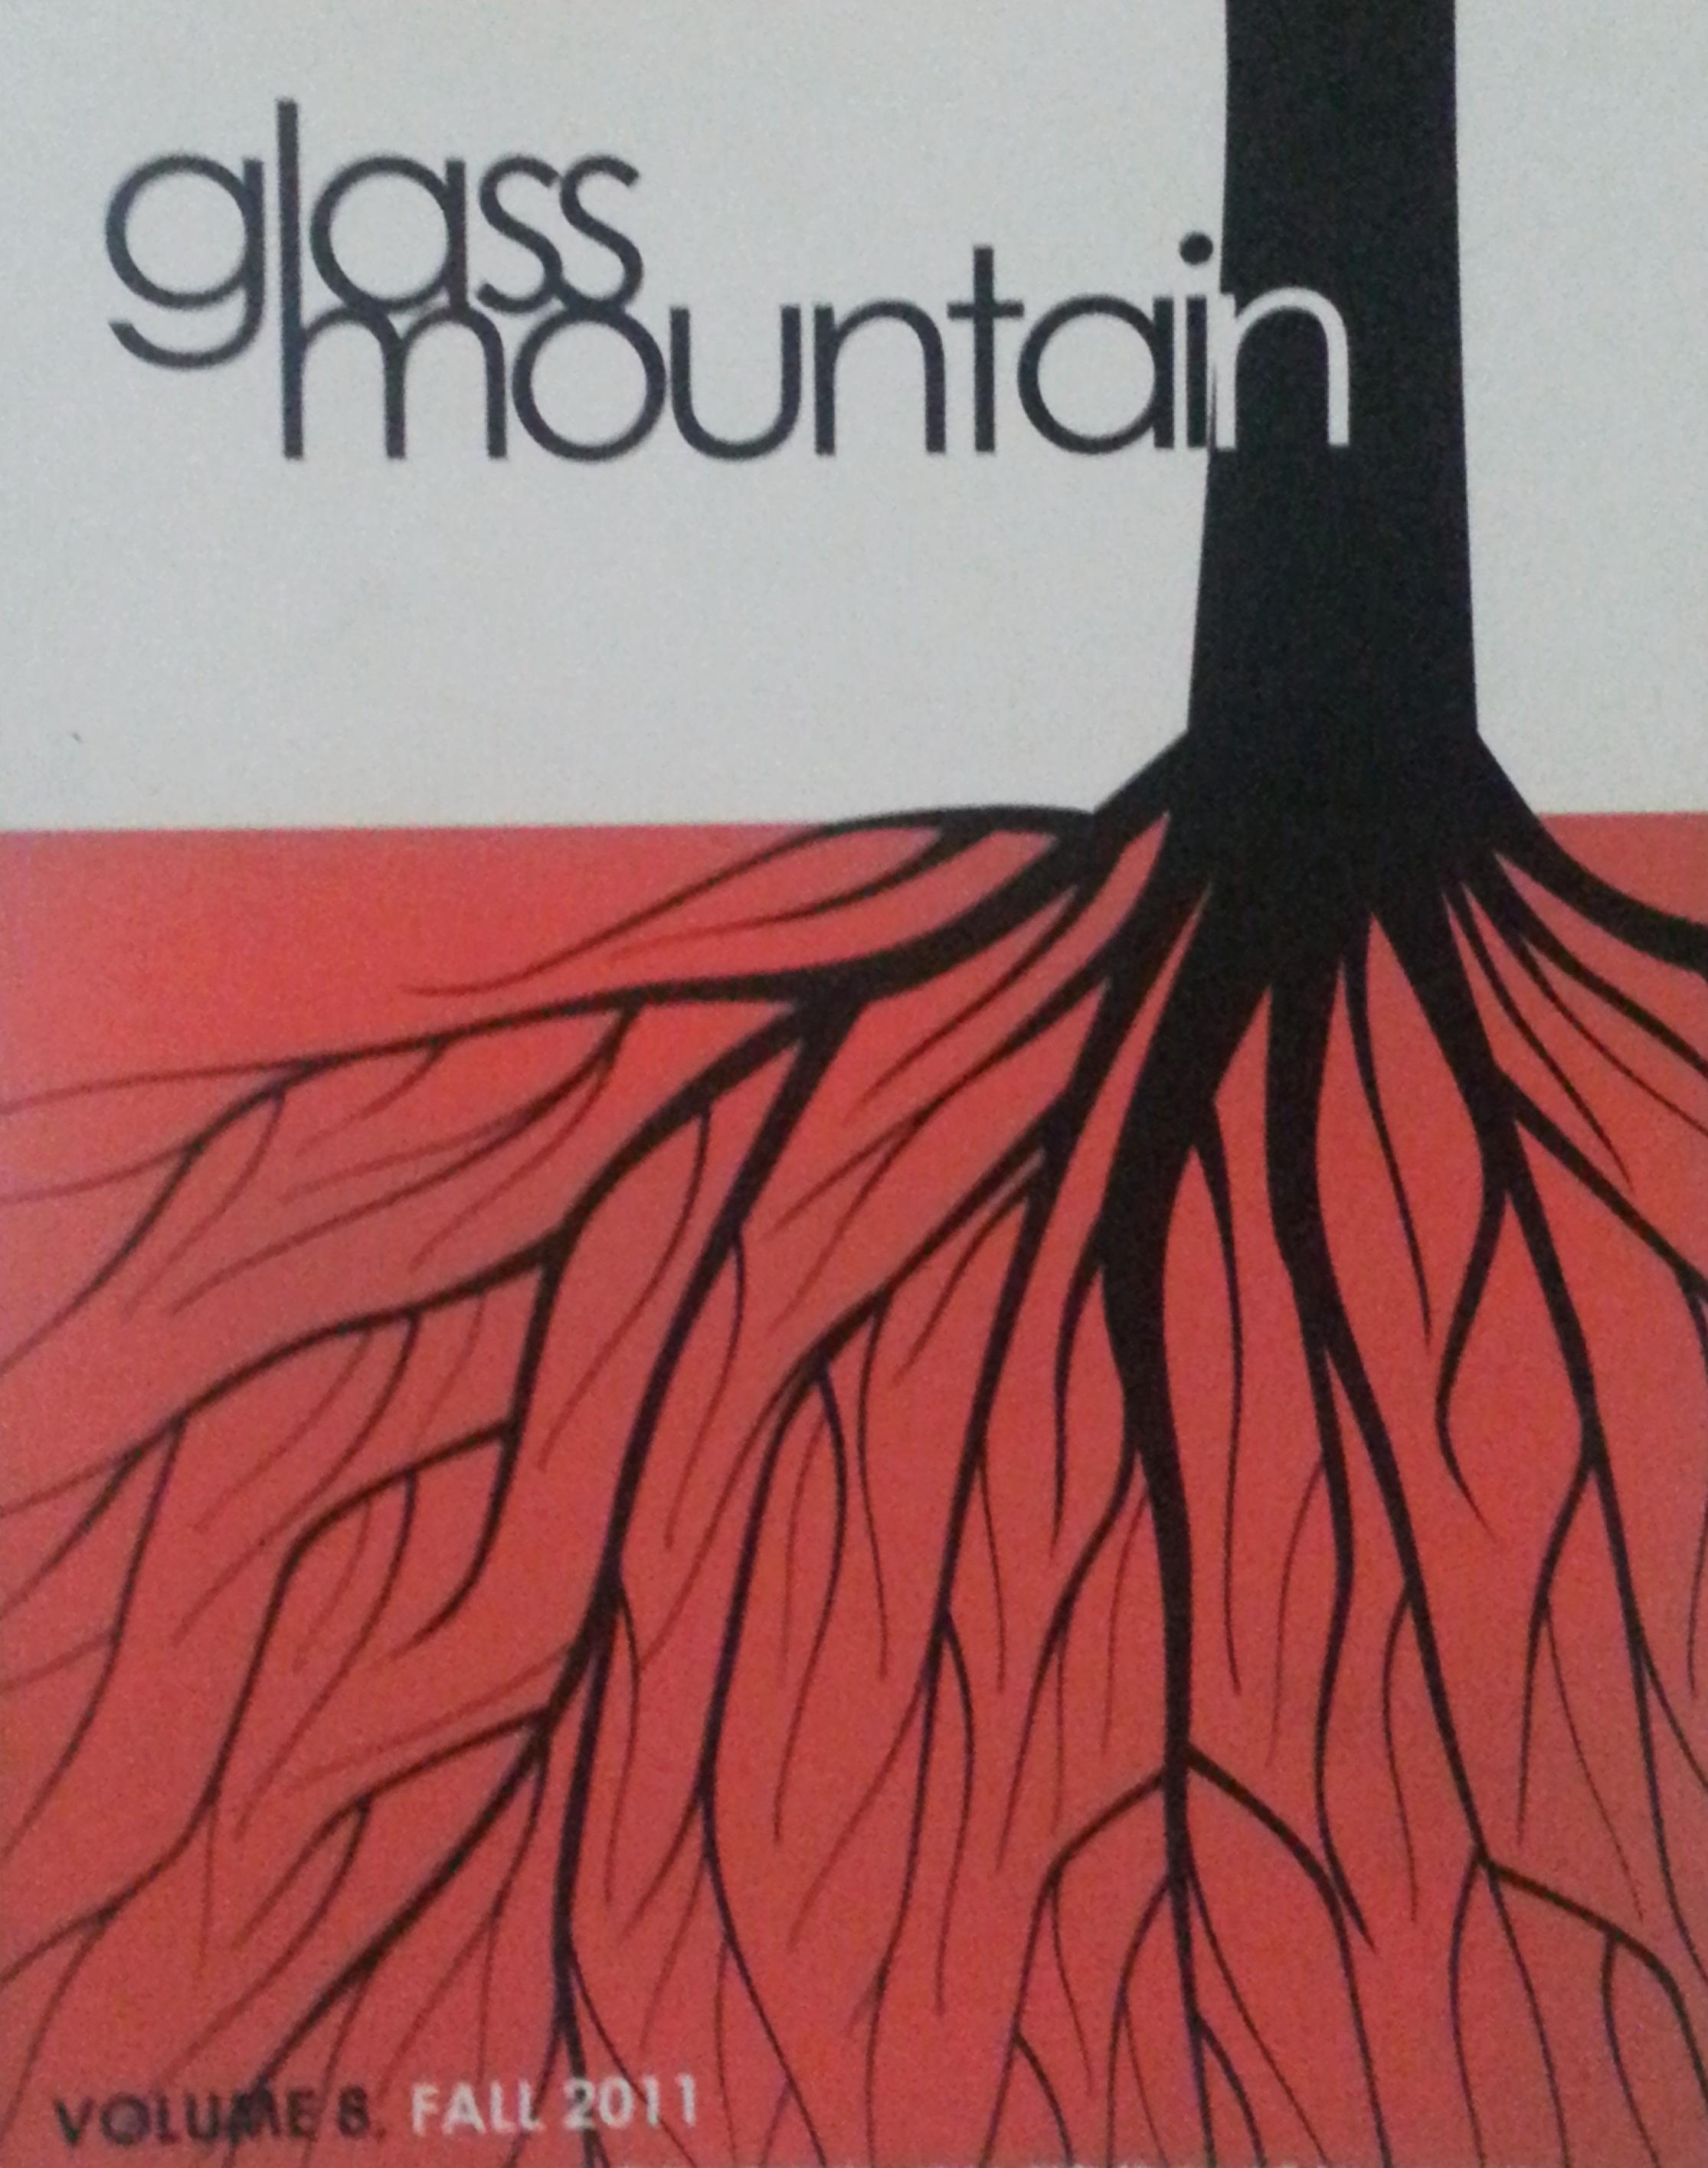 Glass Mountain Magazine | Volume 8, Fall 2011